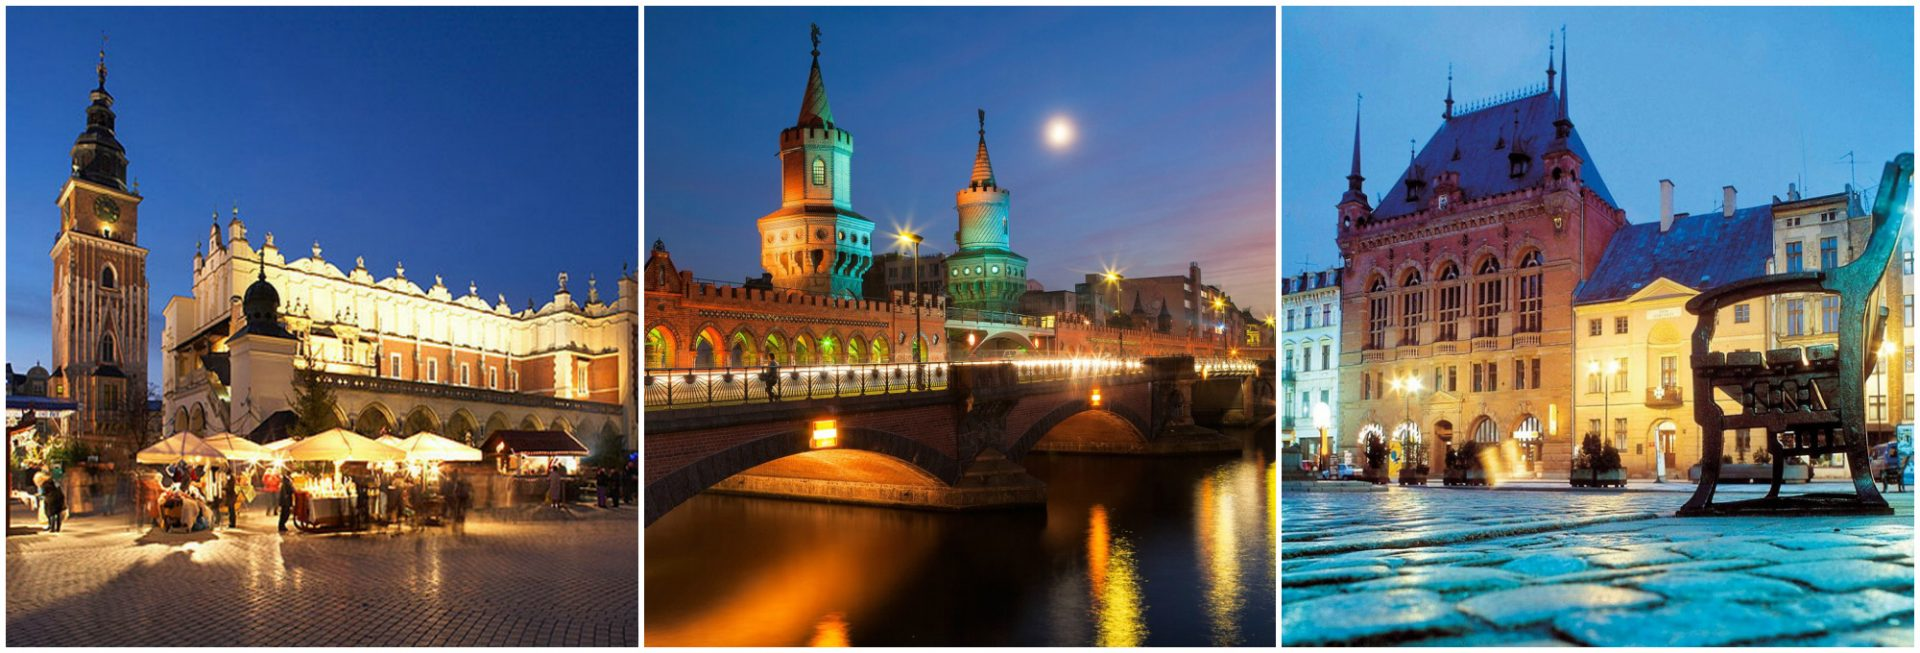 Викенд в Кракове на 4 дня/3 ночи из Пшемысля!